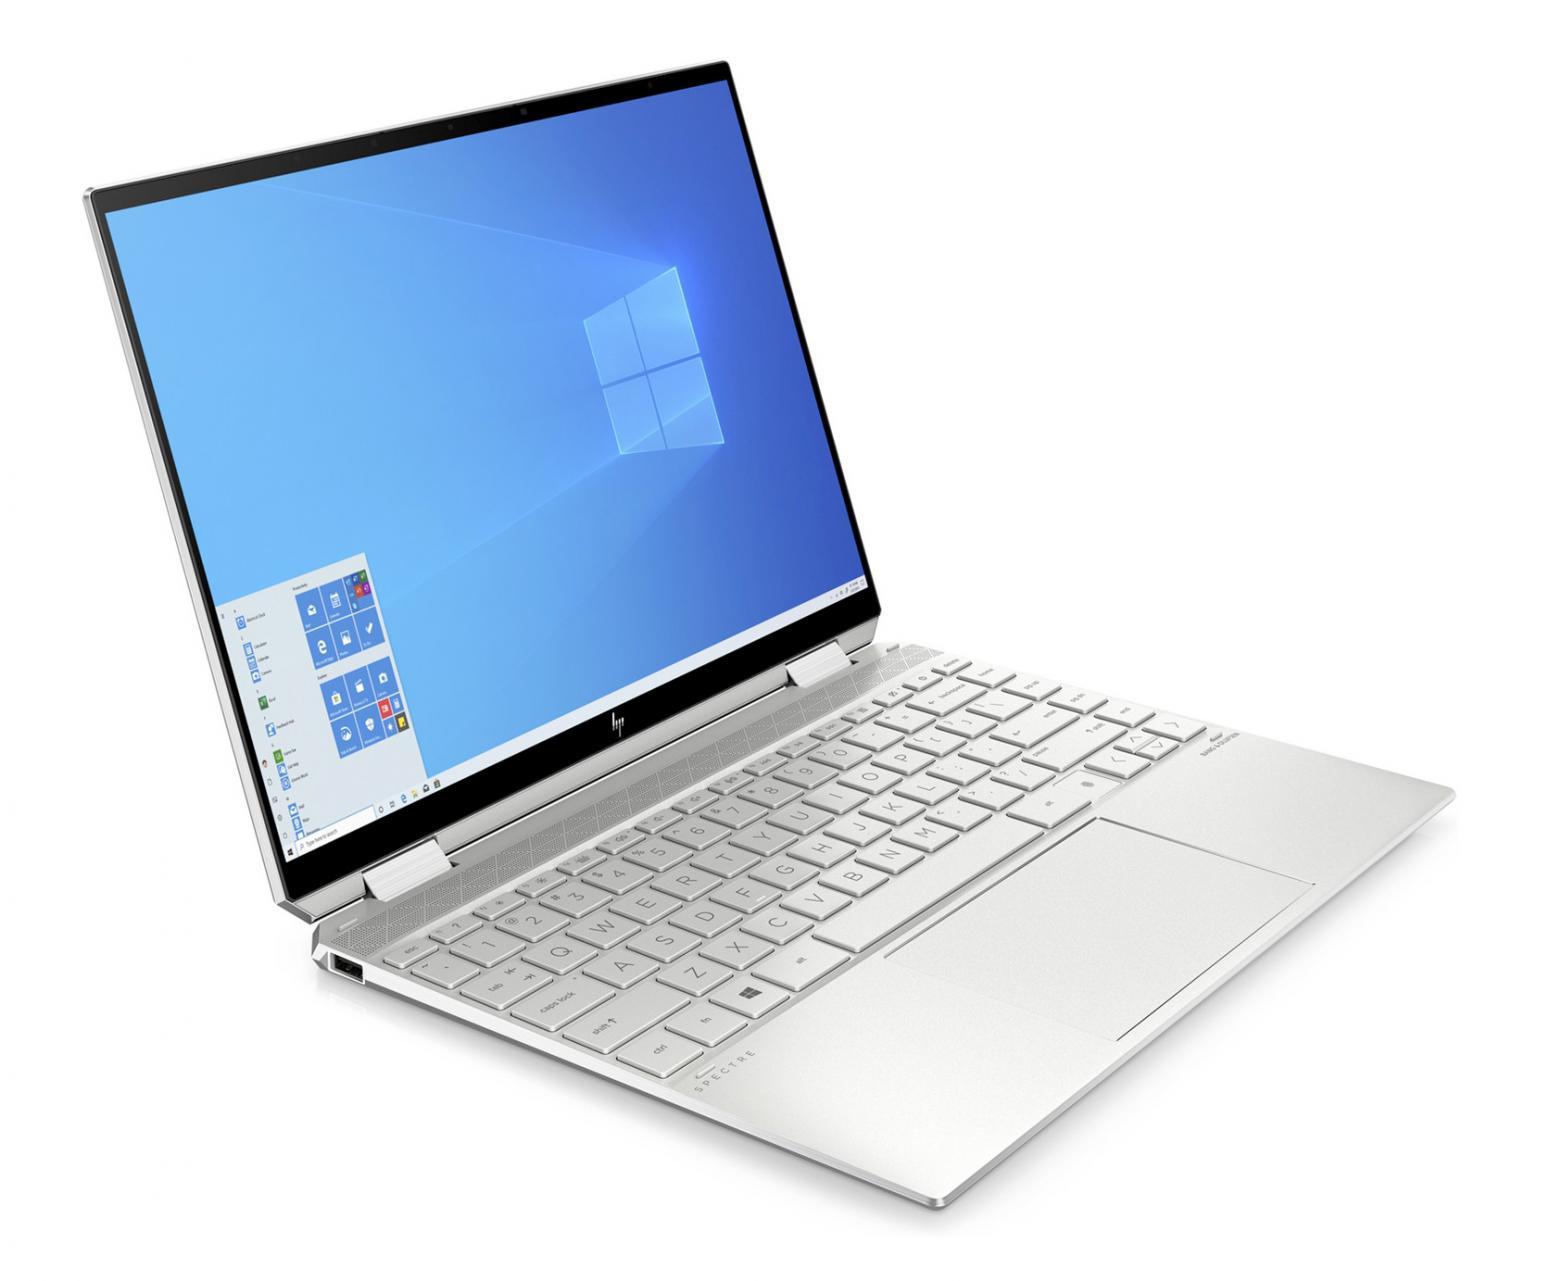 Ordinateur portable HP Spectre x360 14-ea0002nf Argent - 3:2 Tactile - photo 6